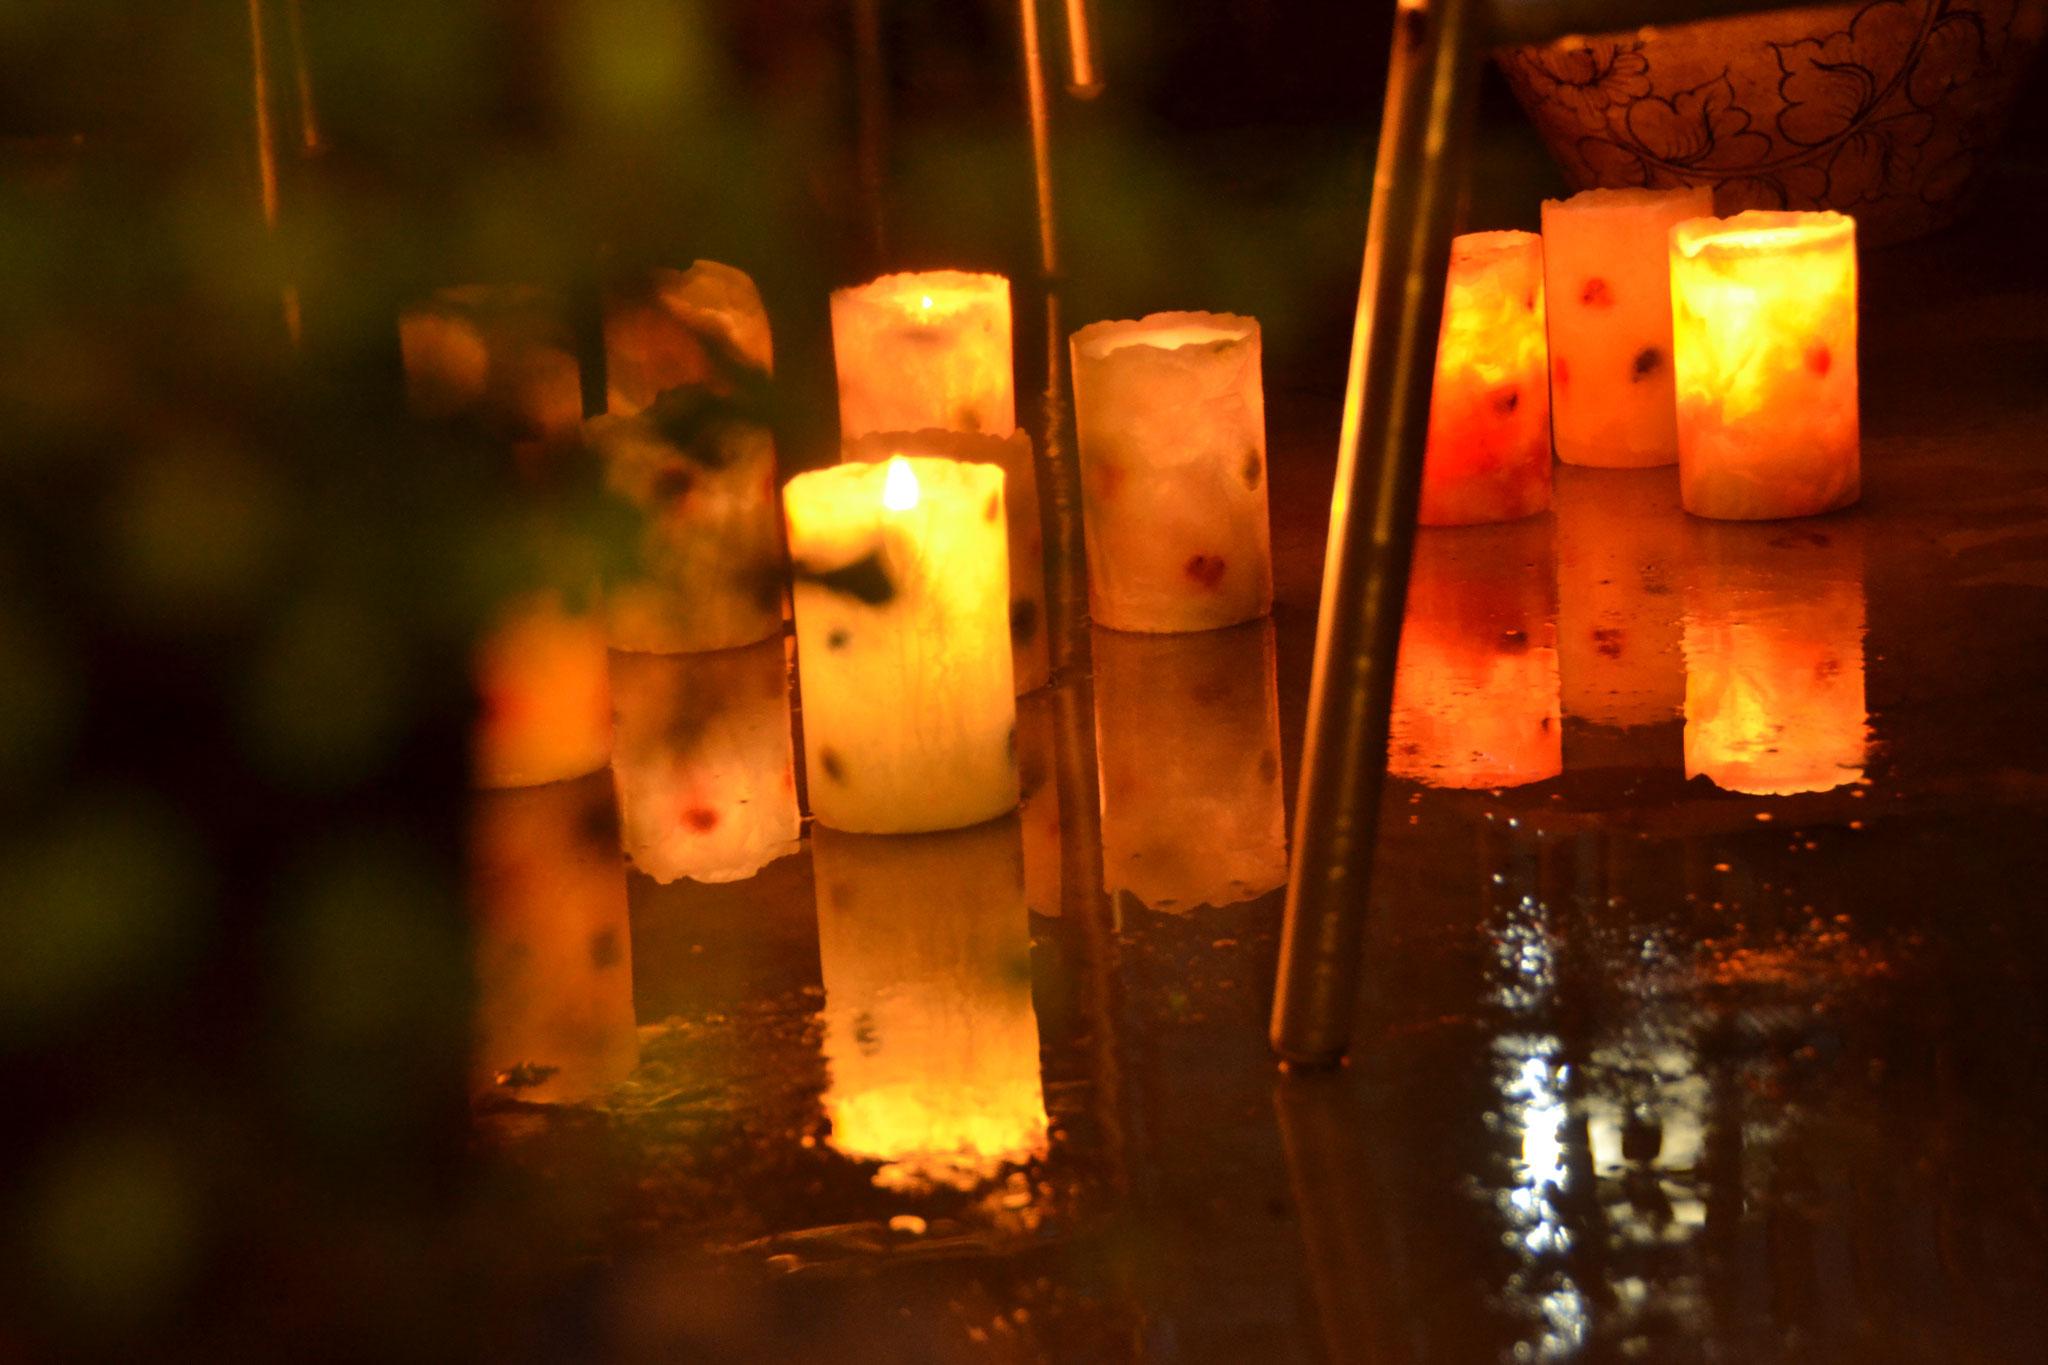 雨上がりのテラスで灯るドットキャンドルたち